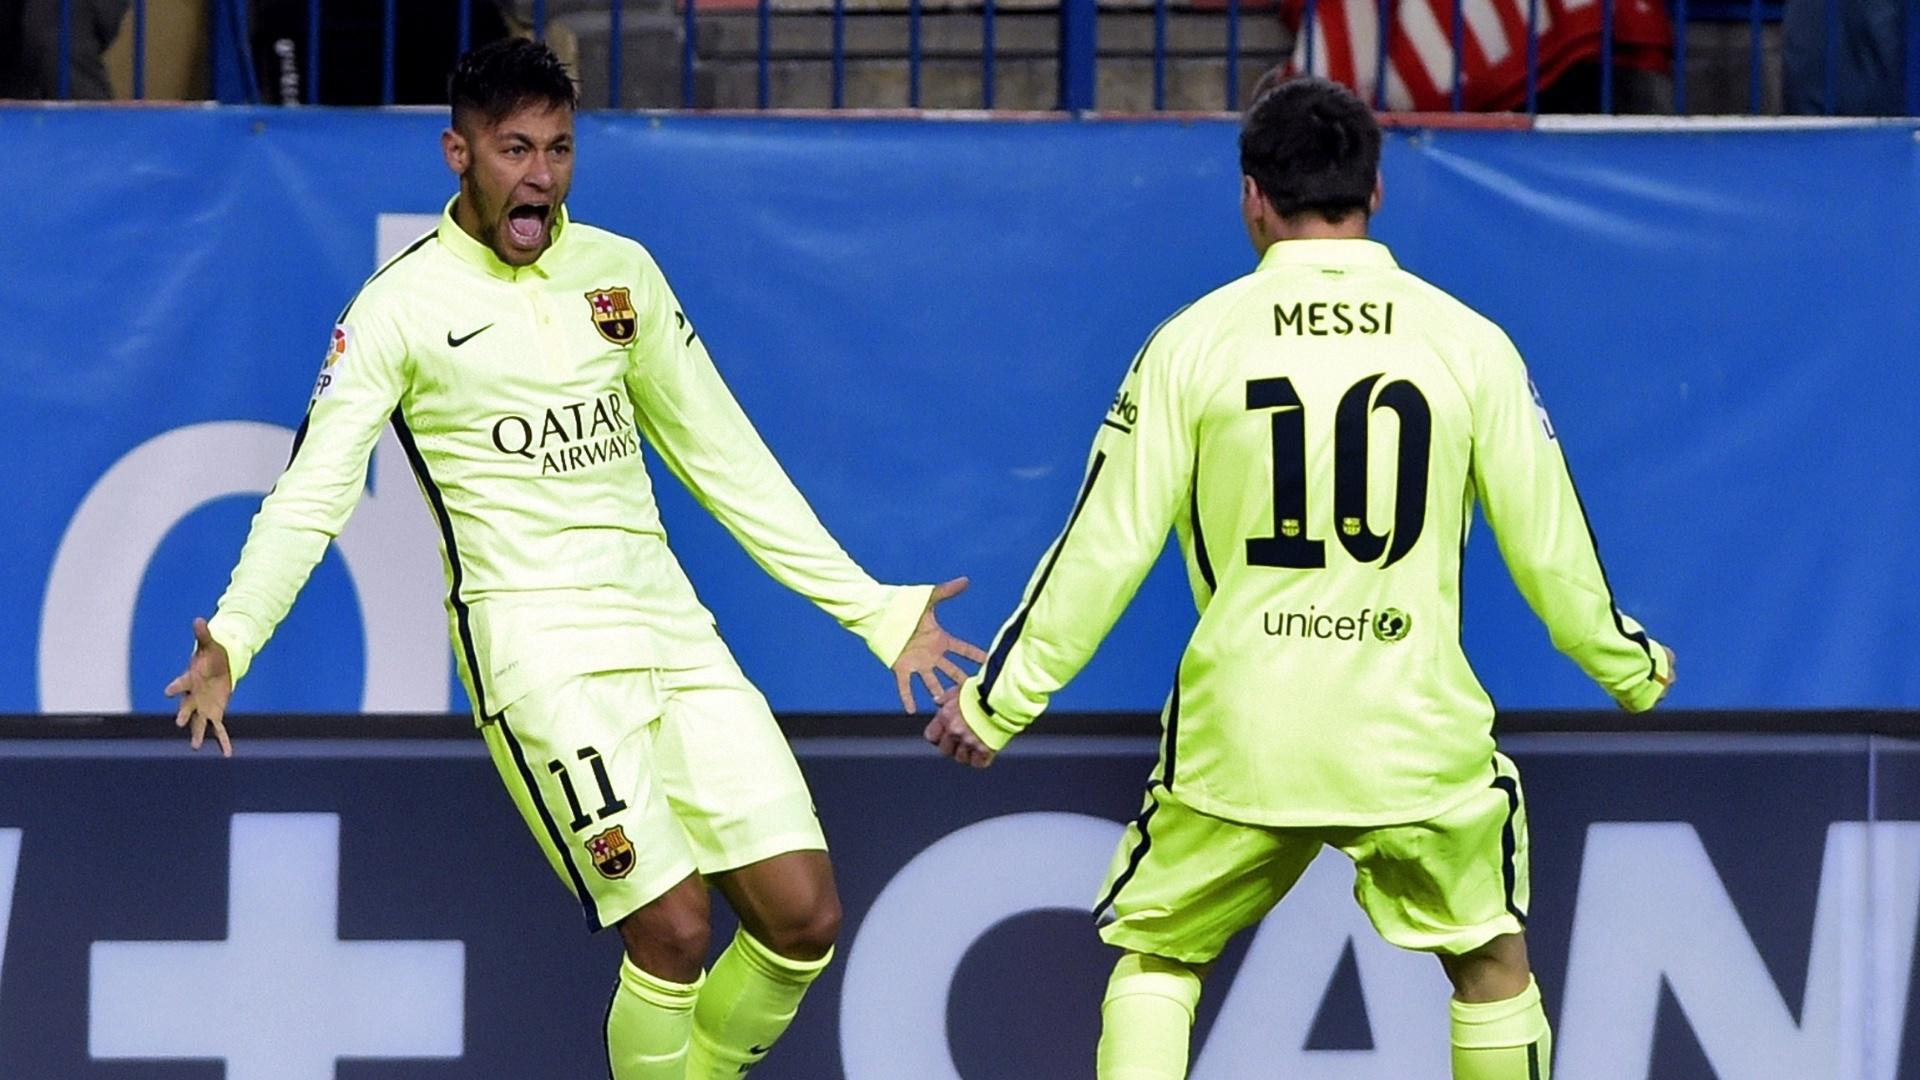 Messi comemora com Neymar gol de empate do Barcelona marcado pelo brasileiro